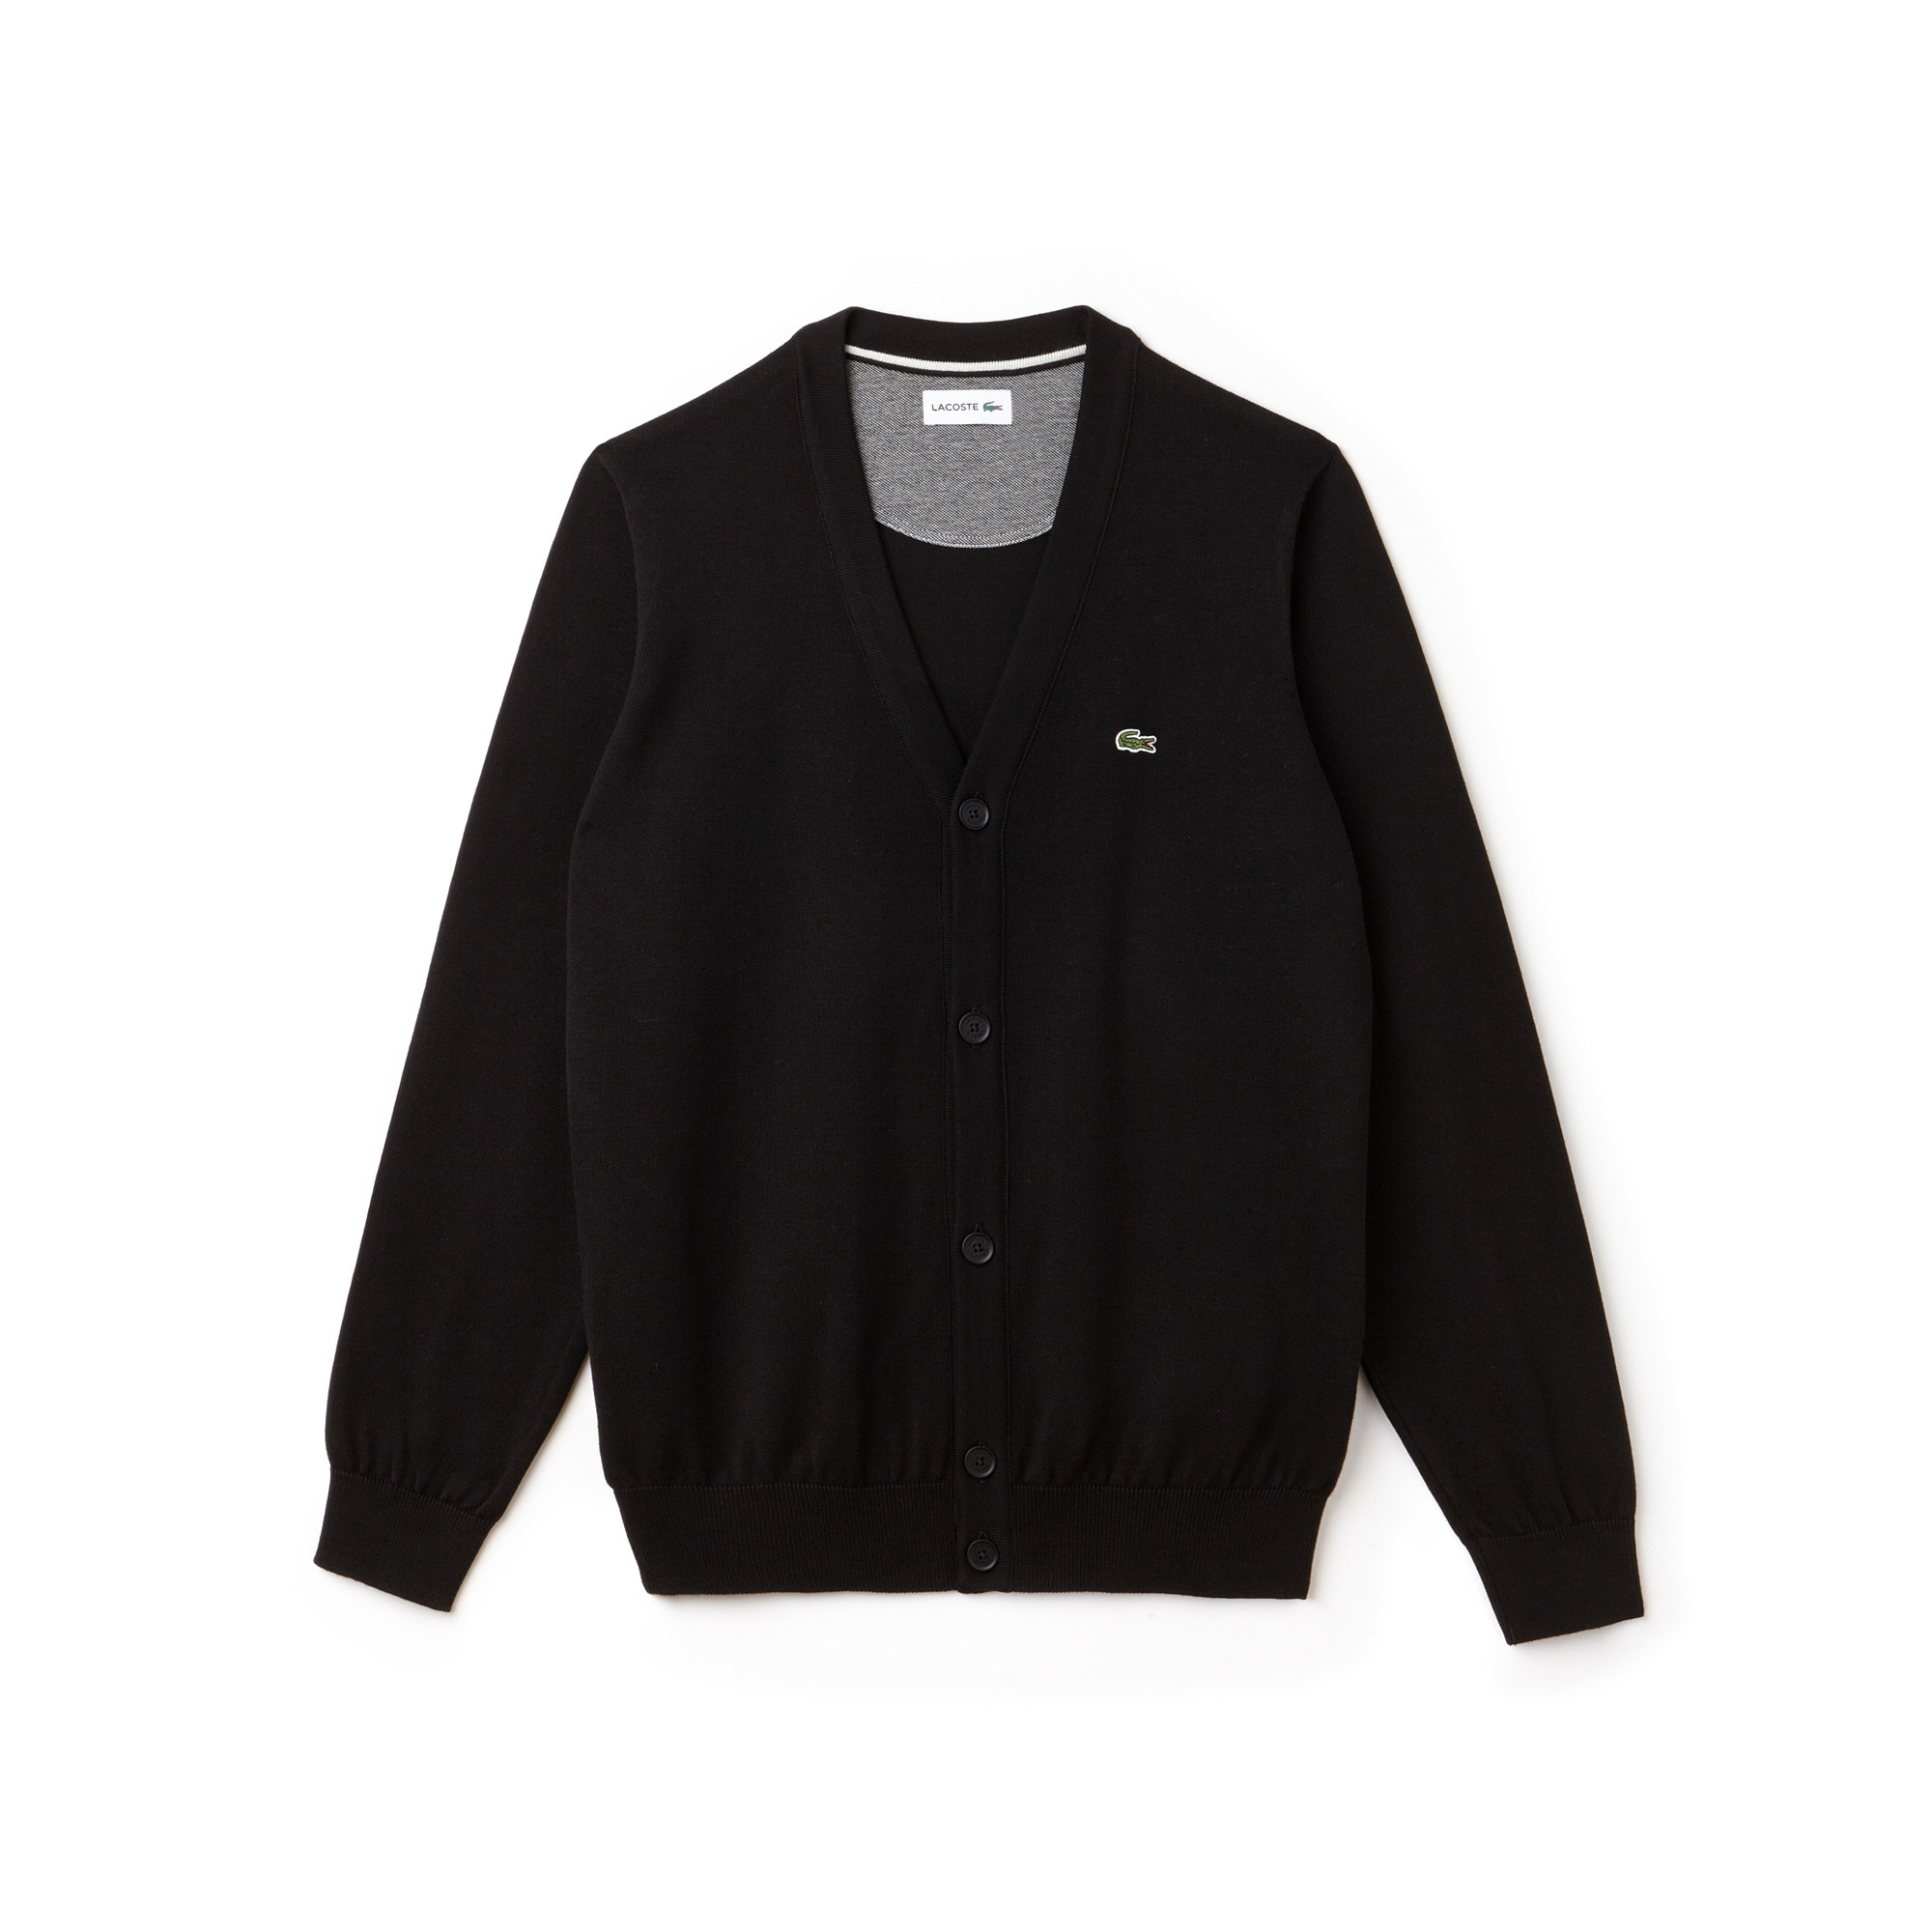 Cardigan en jersey de coton uni